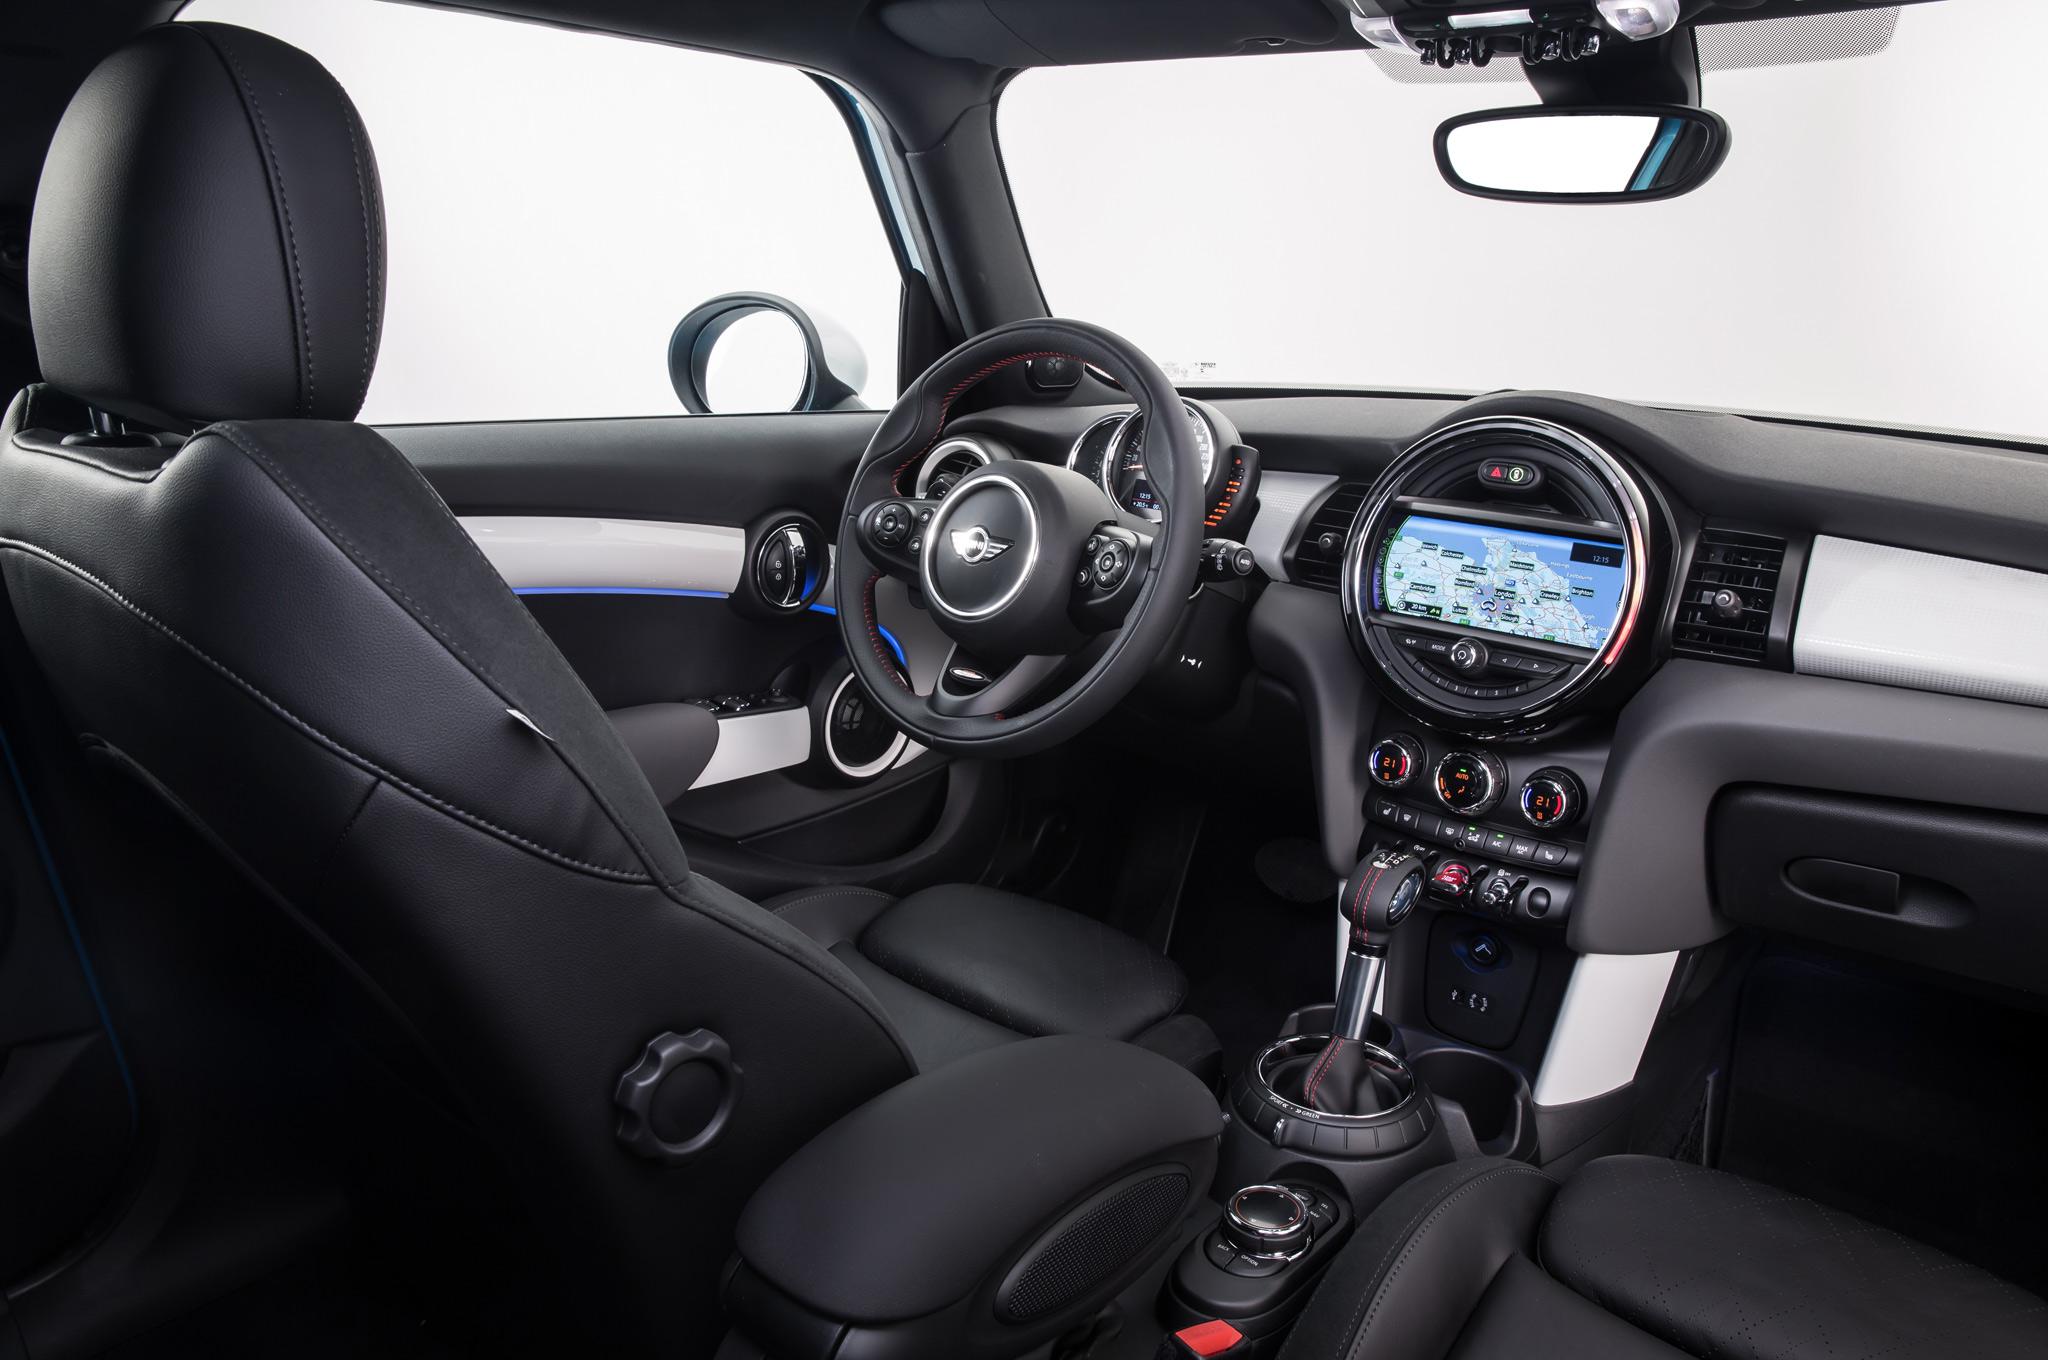 2015 Mini Cooper Hardtop 4-Door Dashboard Unit